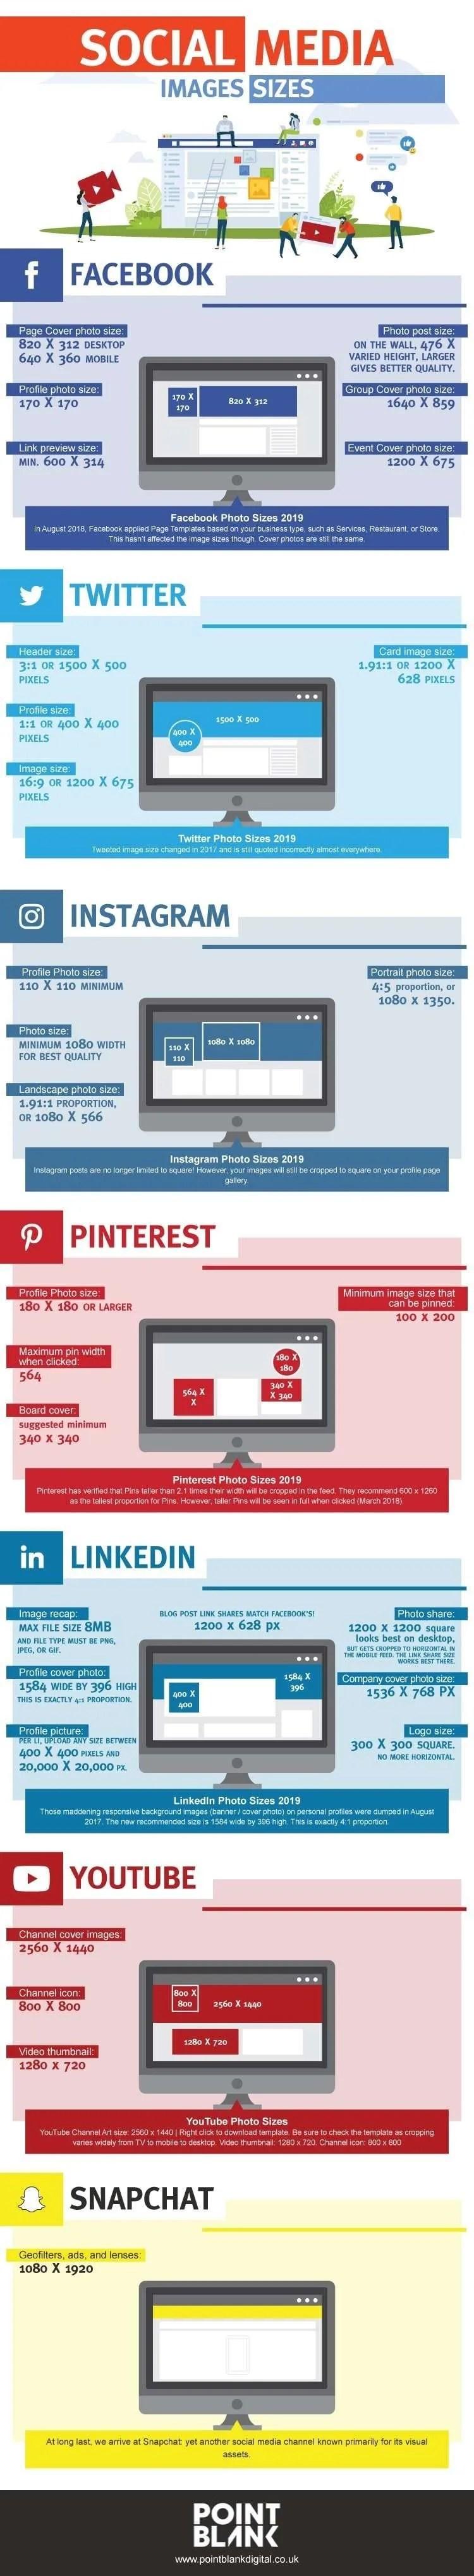 Social Media Image Sizes for Facebook, Instagram, Twitter, LinkedIn, Pinterest, YouTube and SnapChat.